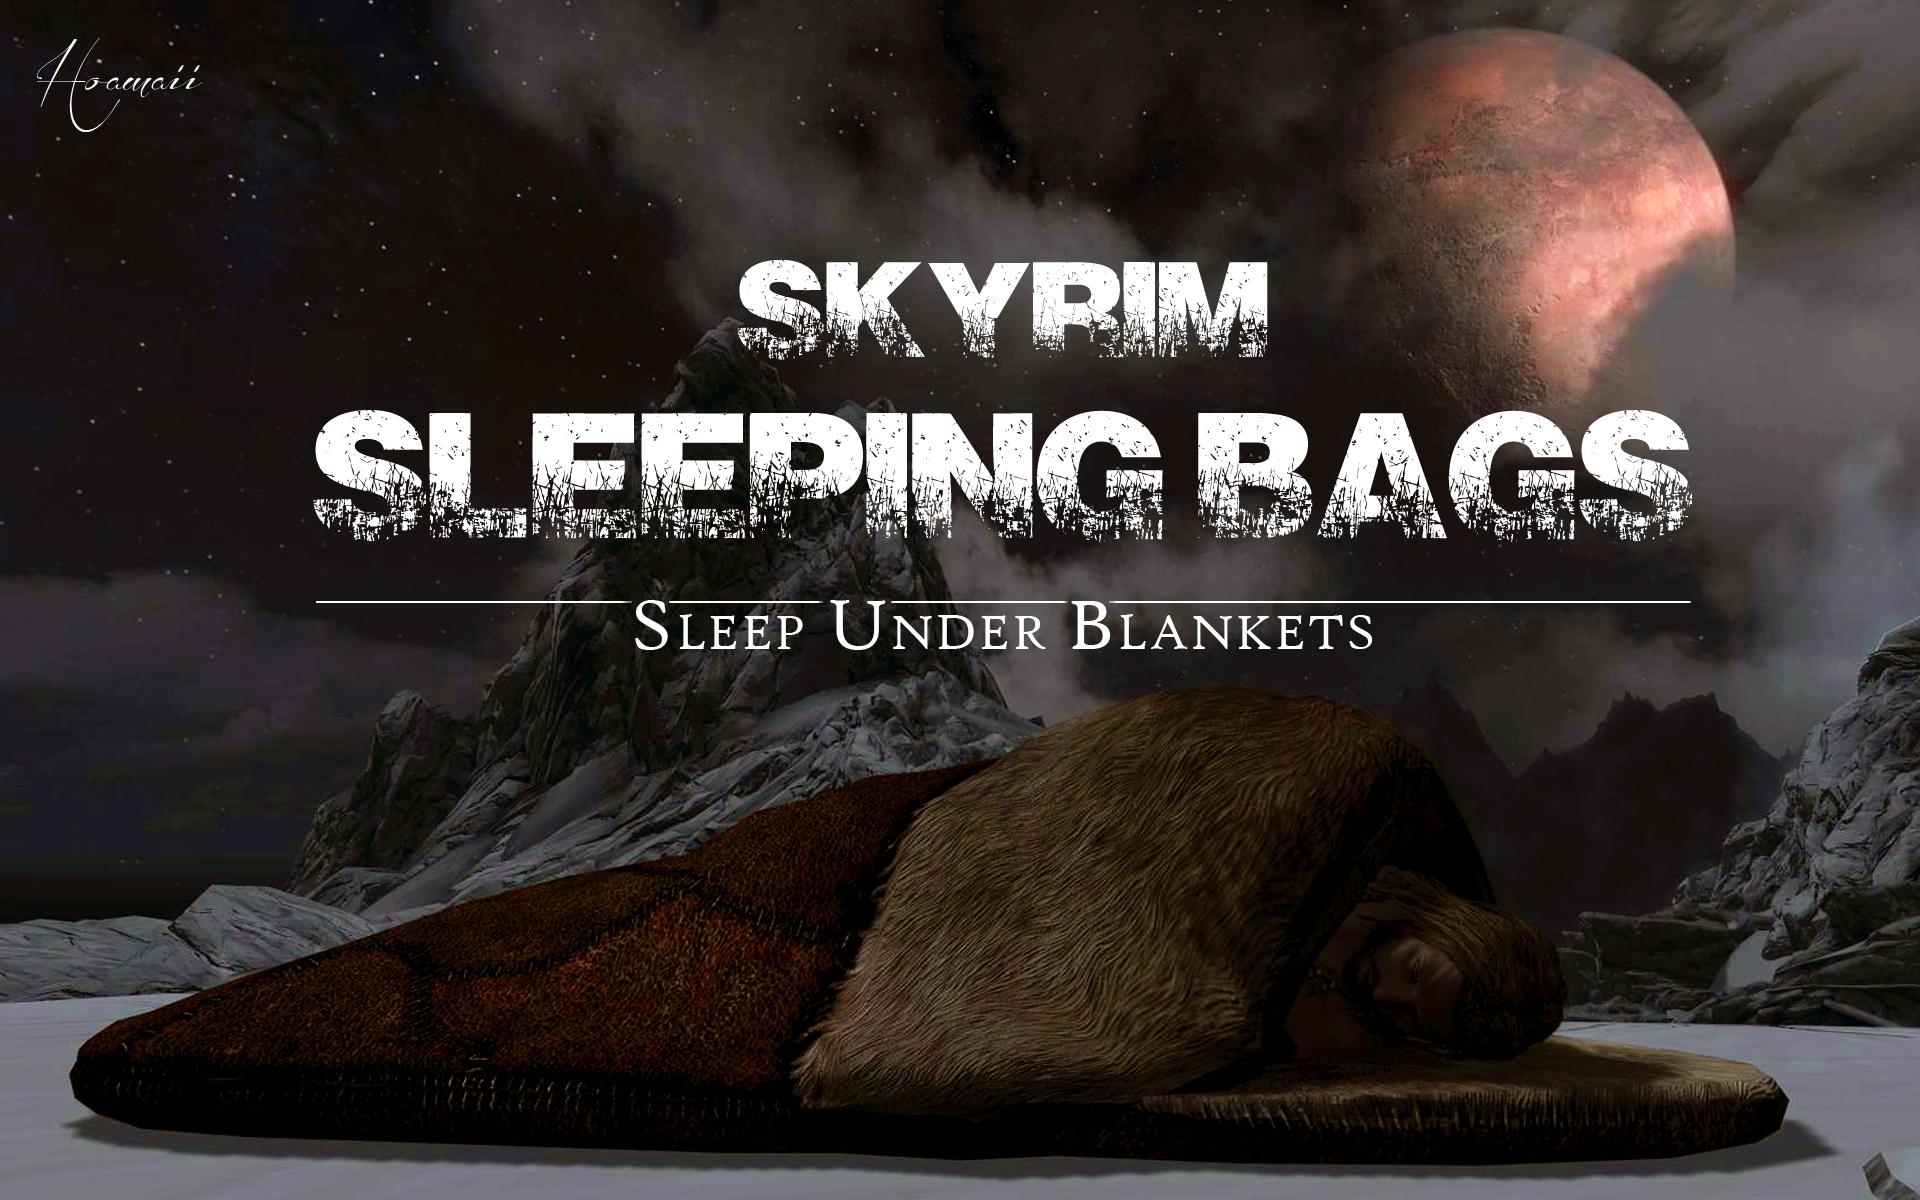 Skyrim Sleeping Bags - Sleep Under Blankets